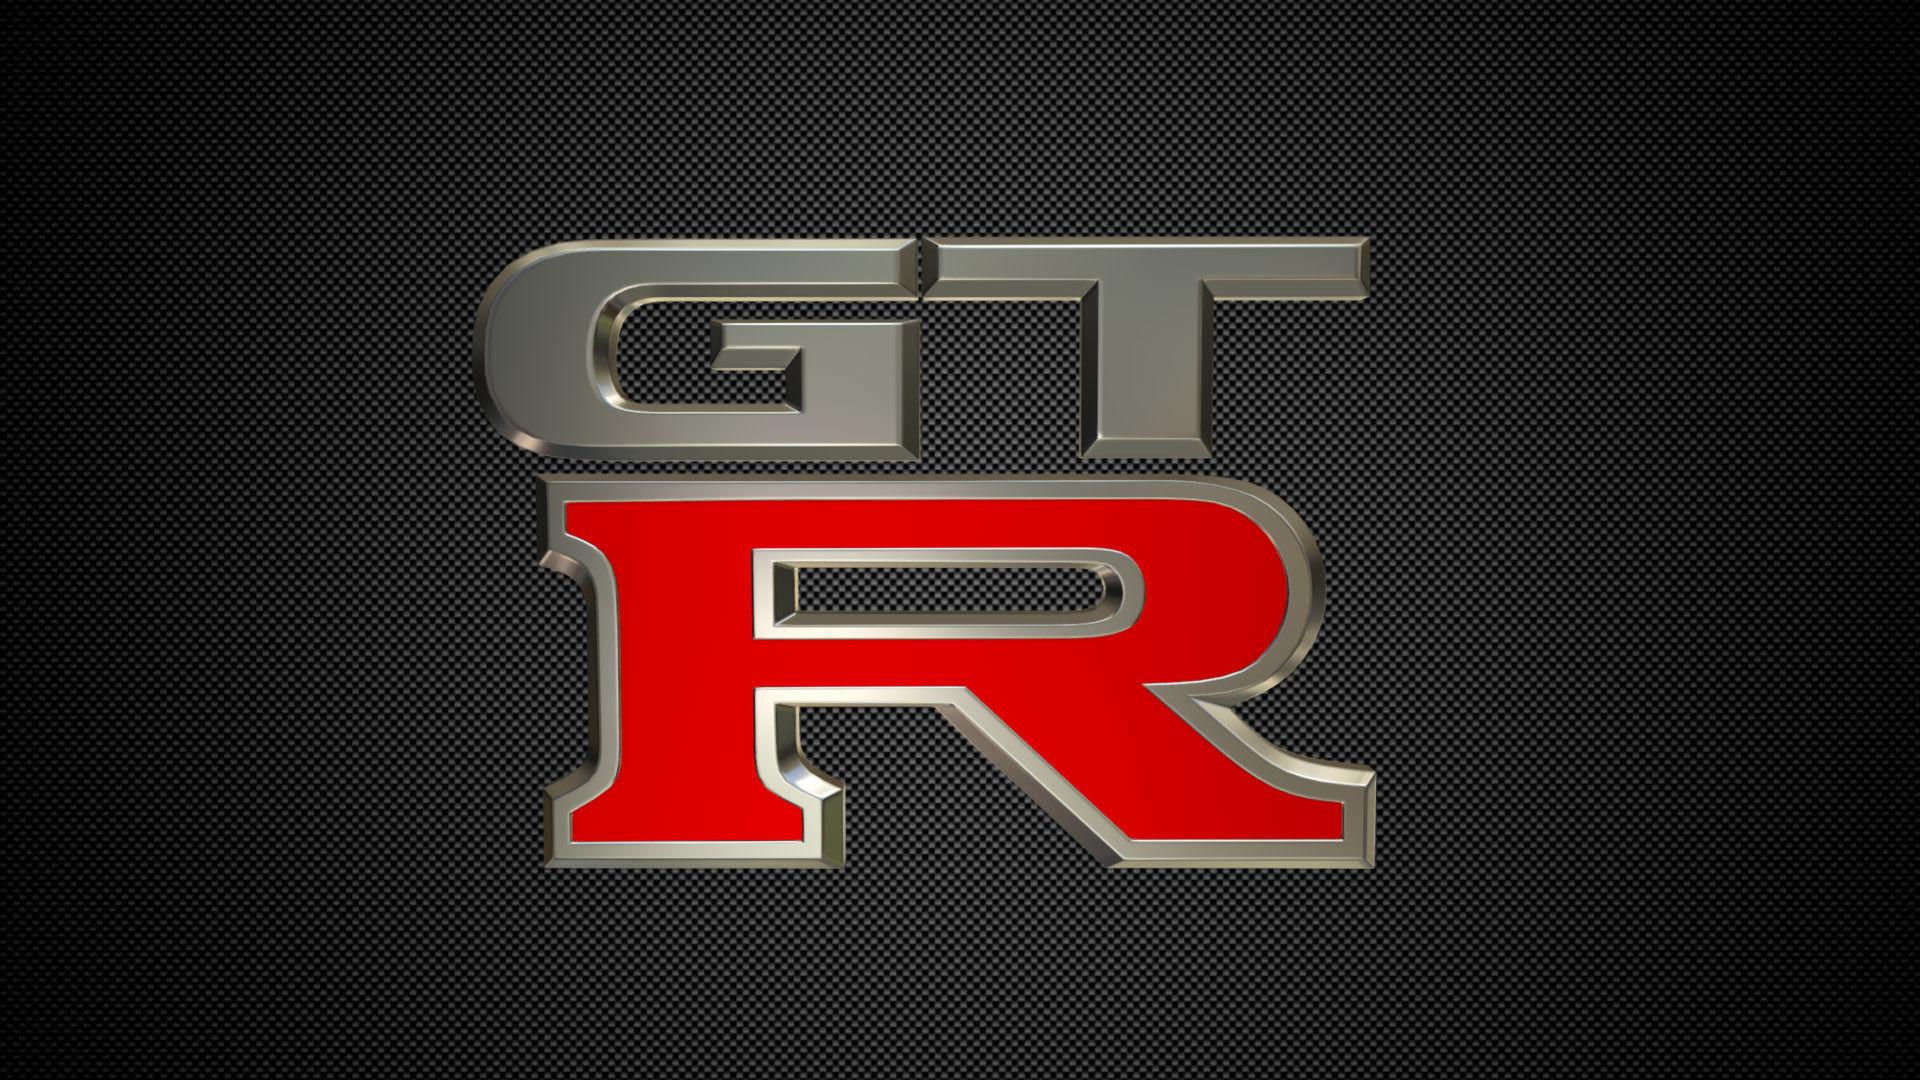 Gtr Logo Model